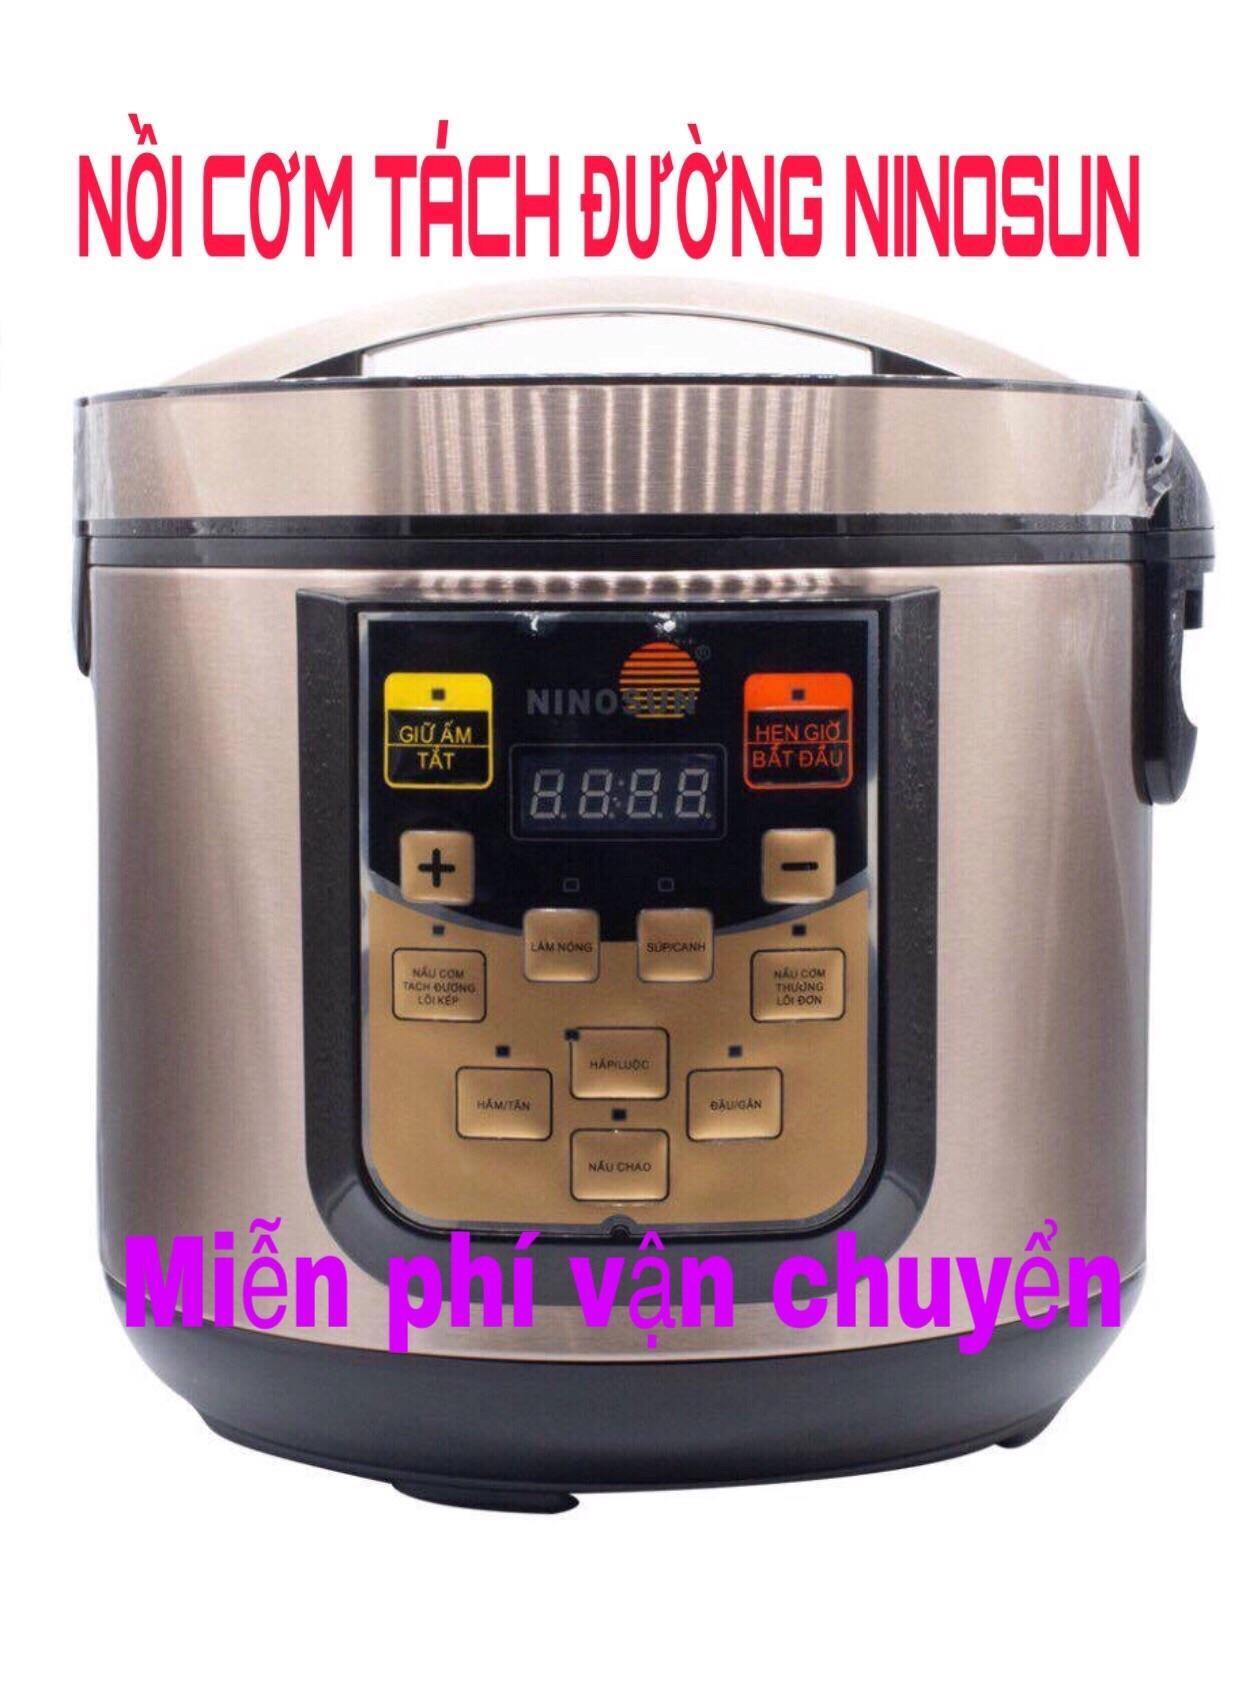 [KHUYẾN MÃI SỐC] Nồi Cơm Điện Tách Đường Ninosun, Nồi cơm tách đường + Bảo hành 12 tháng + Không lo tiểu đường